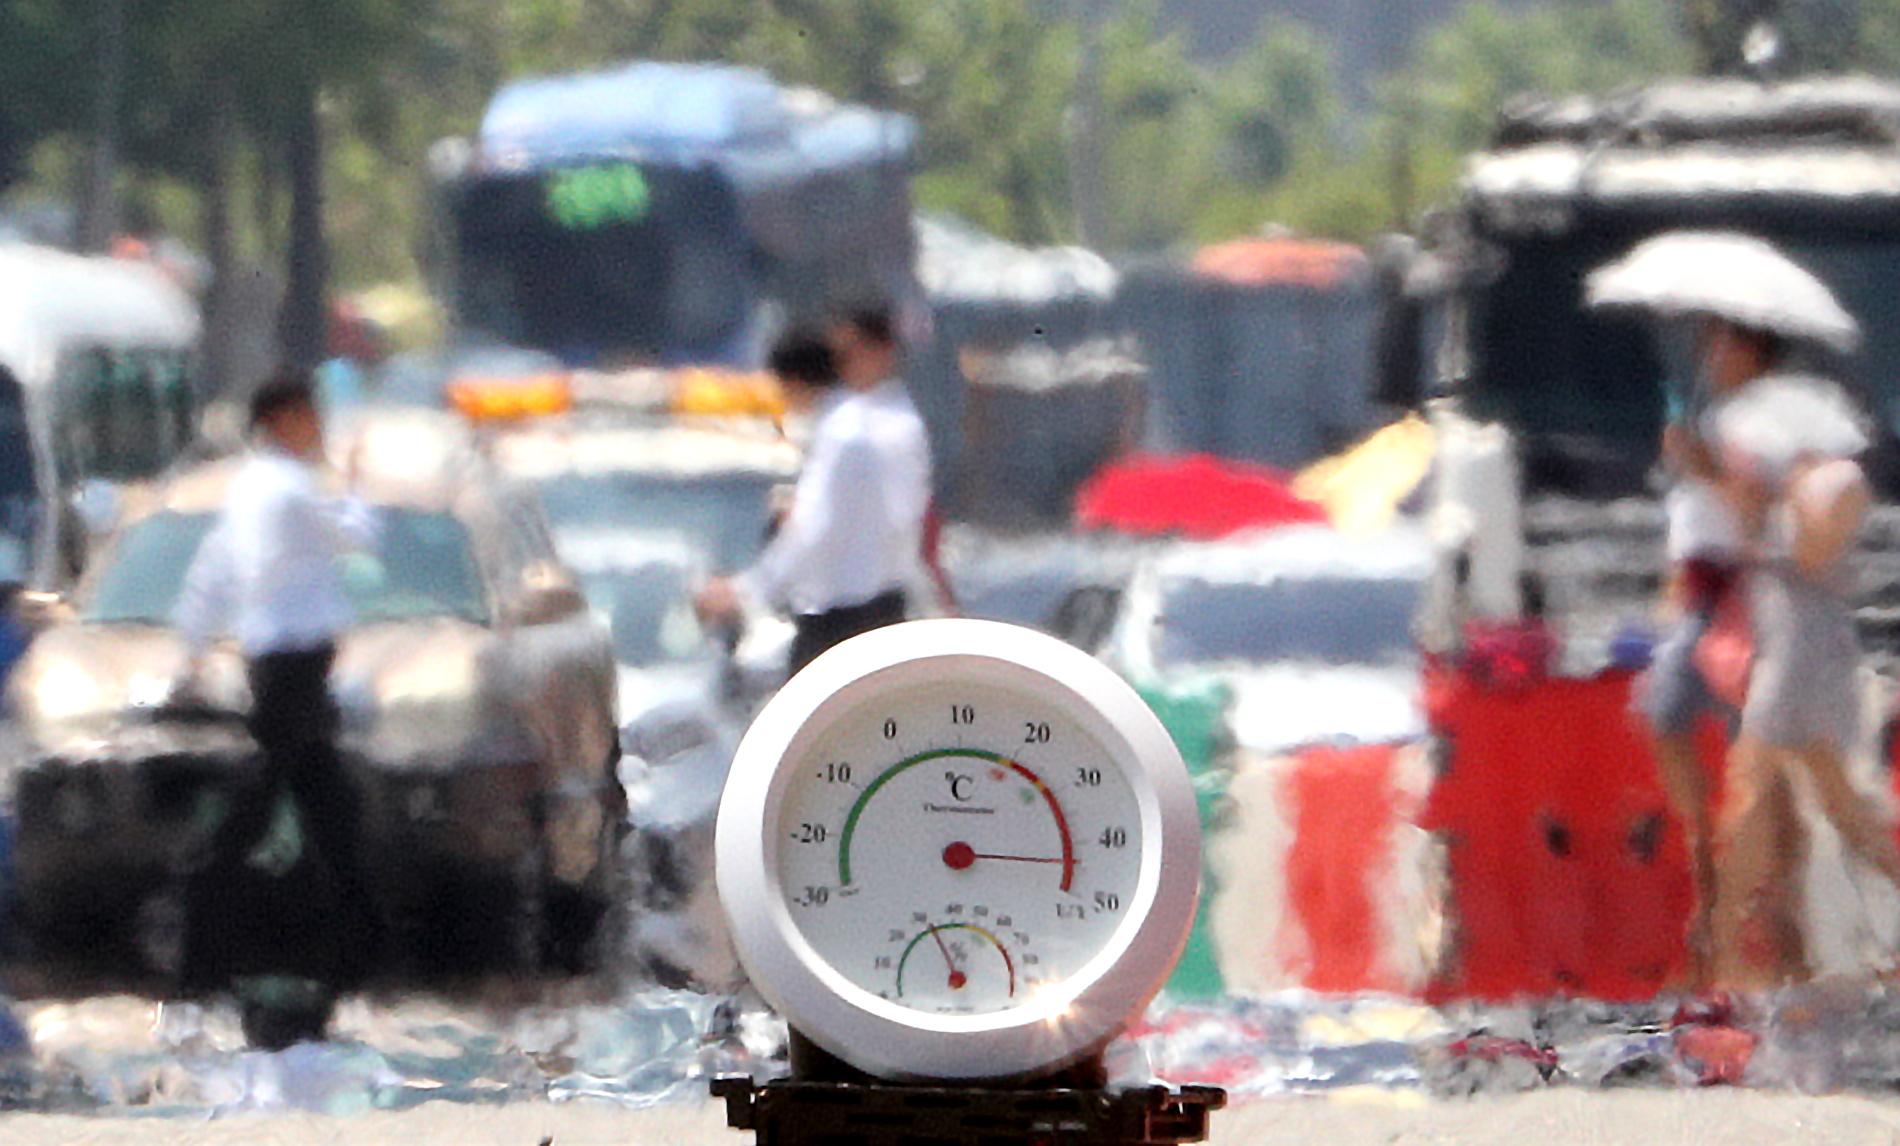 전국적으로 폭염이 이어지던 지난 8월 1일 오후 서울 여의대로에 지열로 인한 아지랑이가 피어오르며 온도계가 40도를 가리키고 있다. [뉴스1]